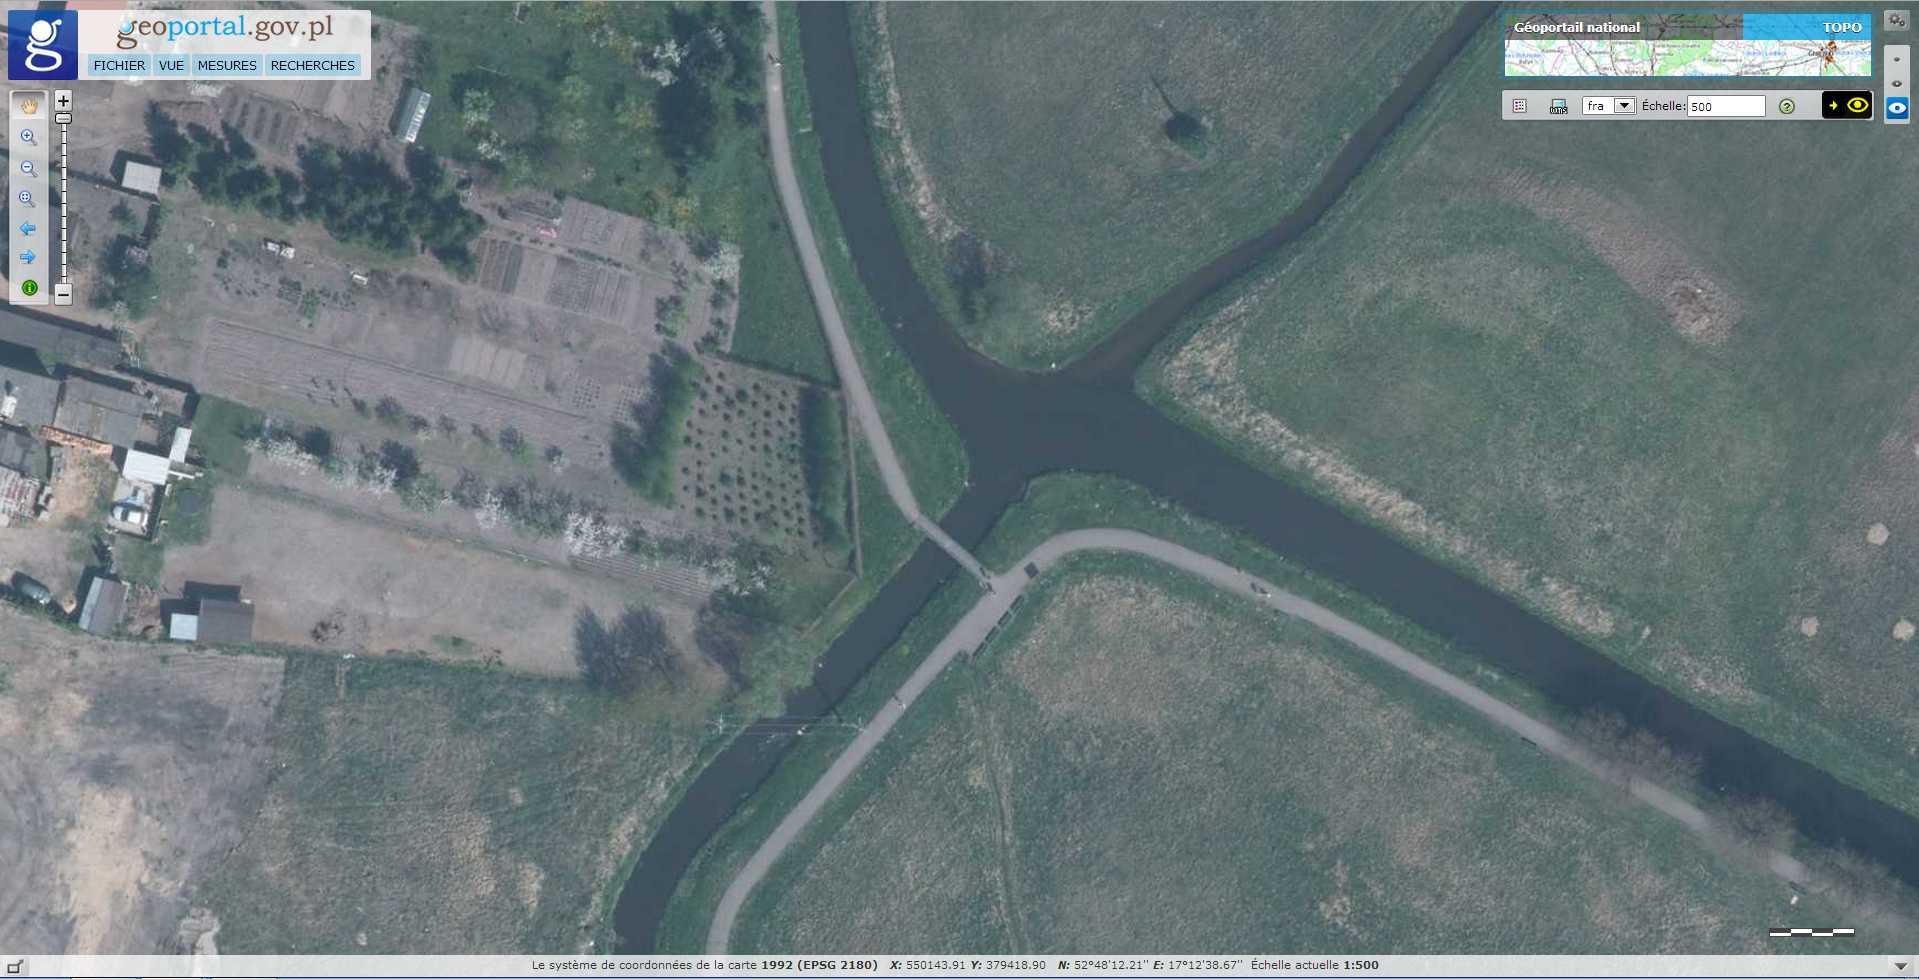 Croisement de rivières sans mélange des eaux - Wagrowiec - Pologne 2014-117